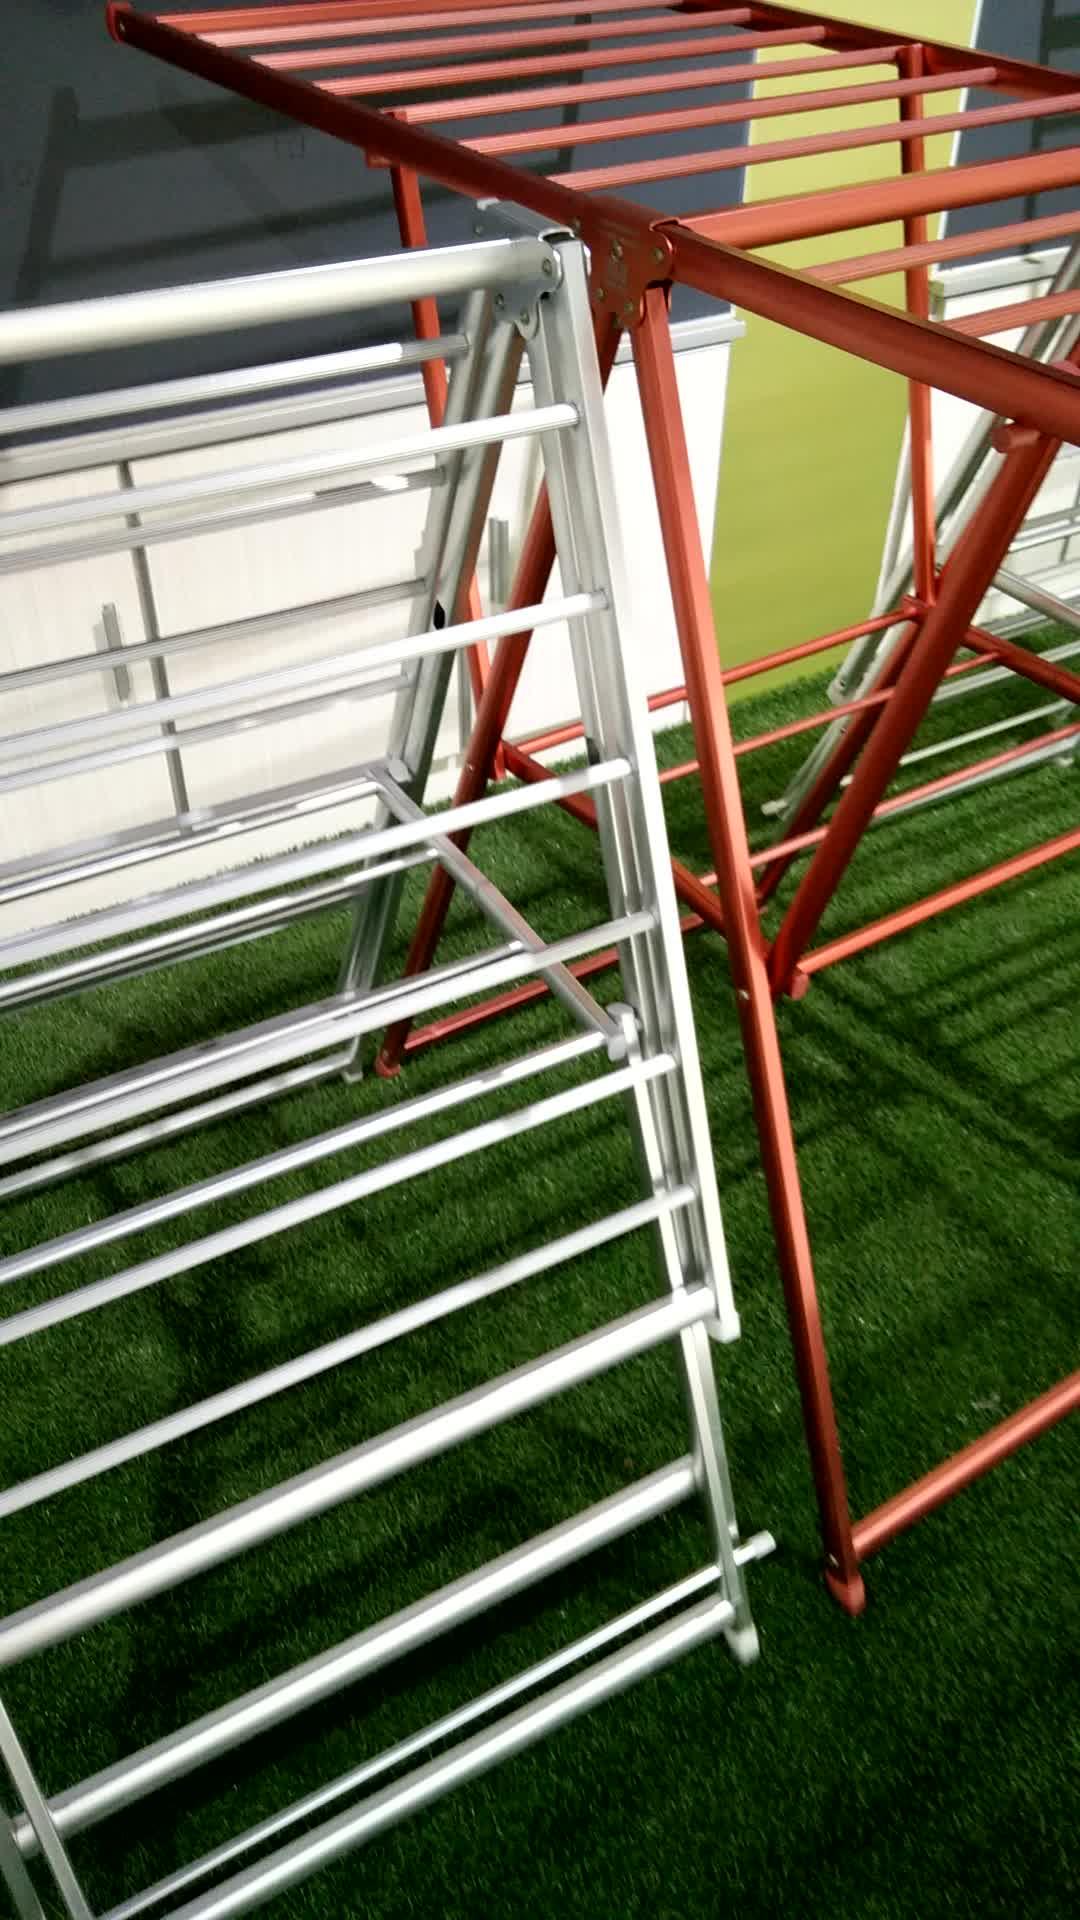 Adjustable Aluminium Clothe Drying Rack Aluminum Laundry